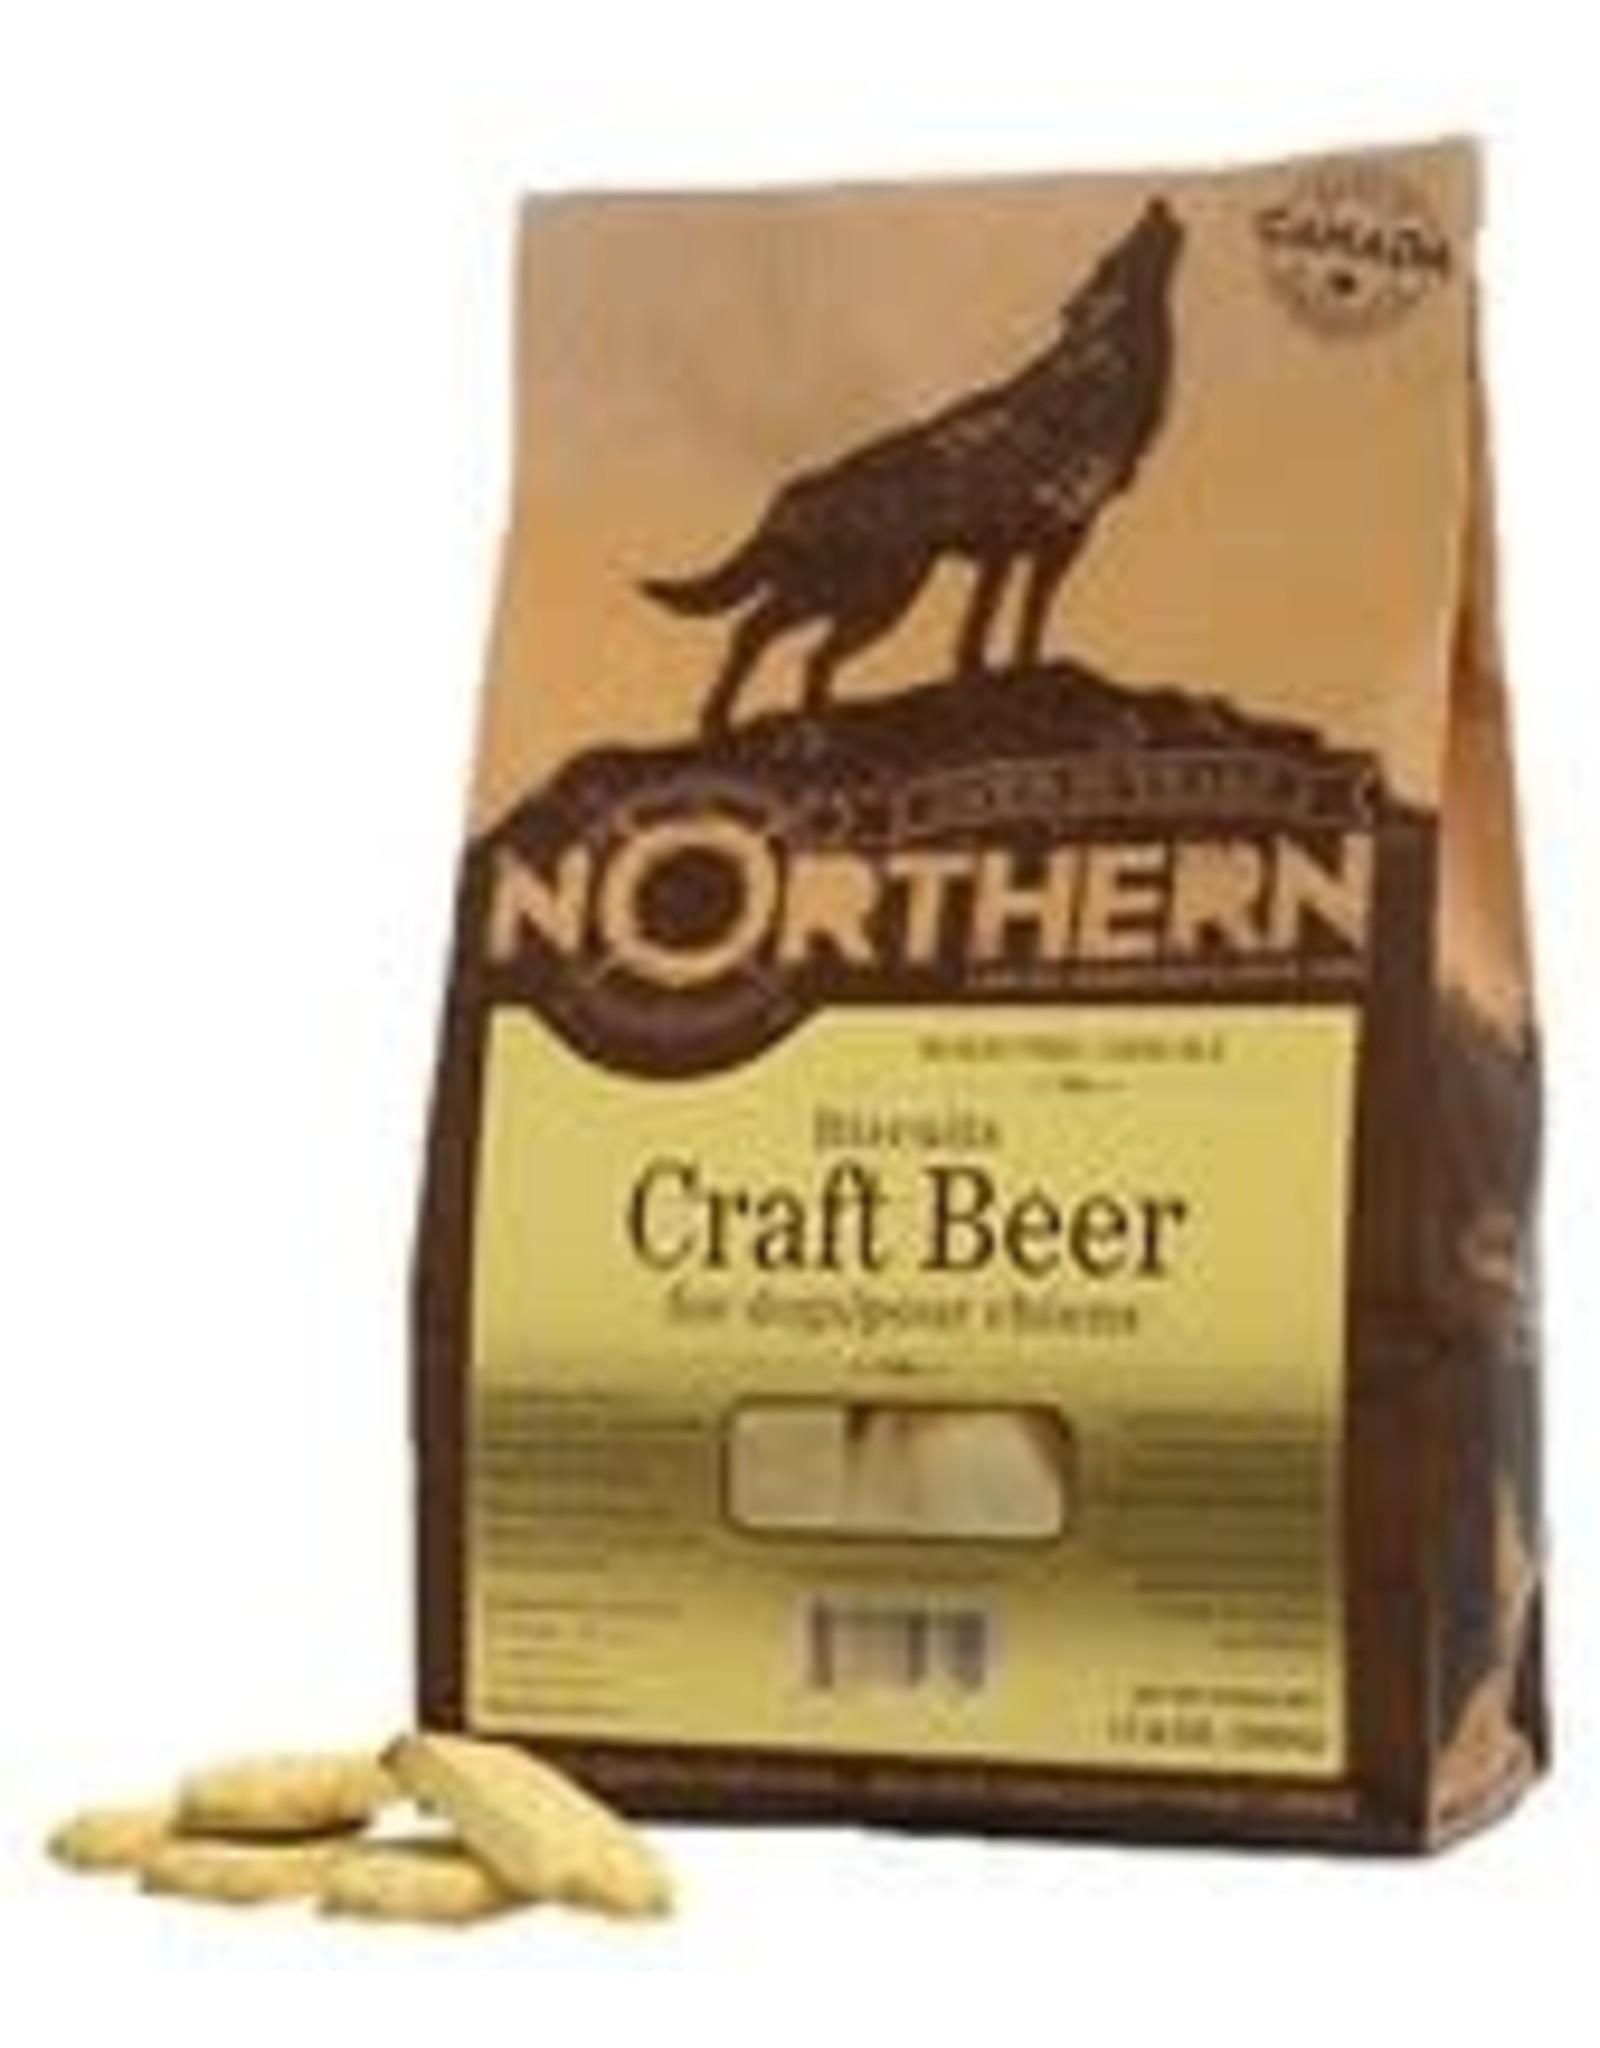 Northern Biscuit Northern Biscuit Craft Beer 500g